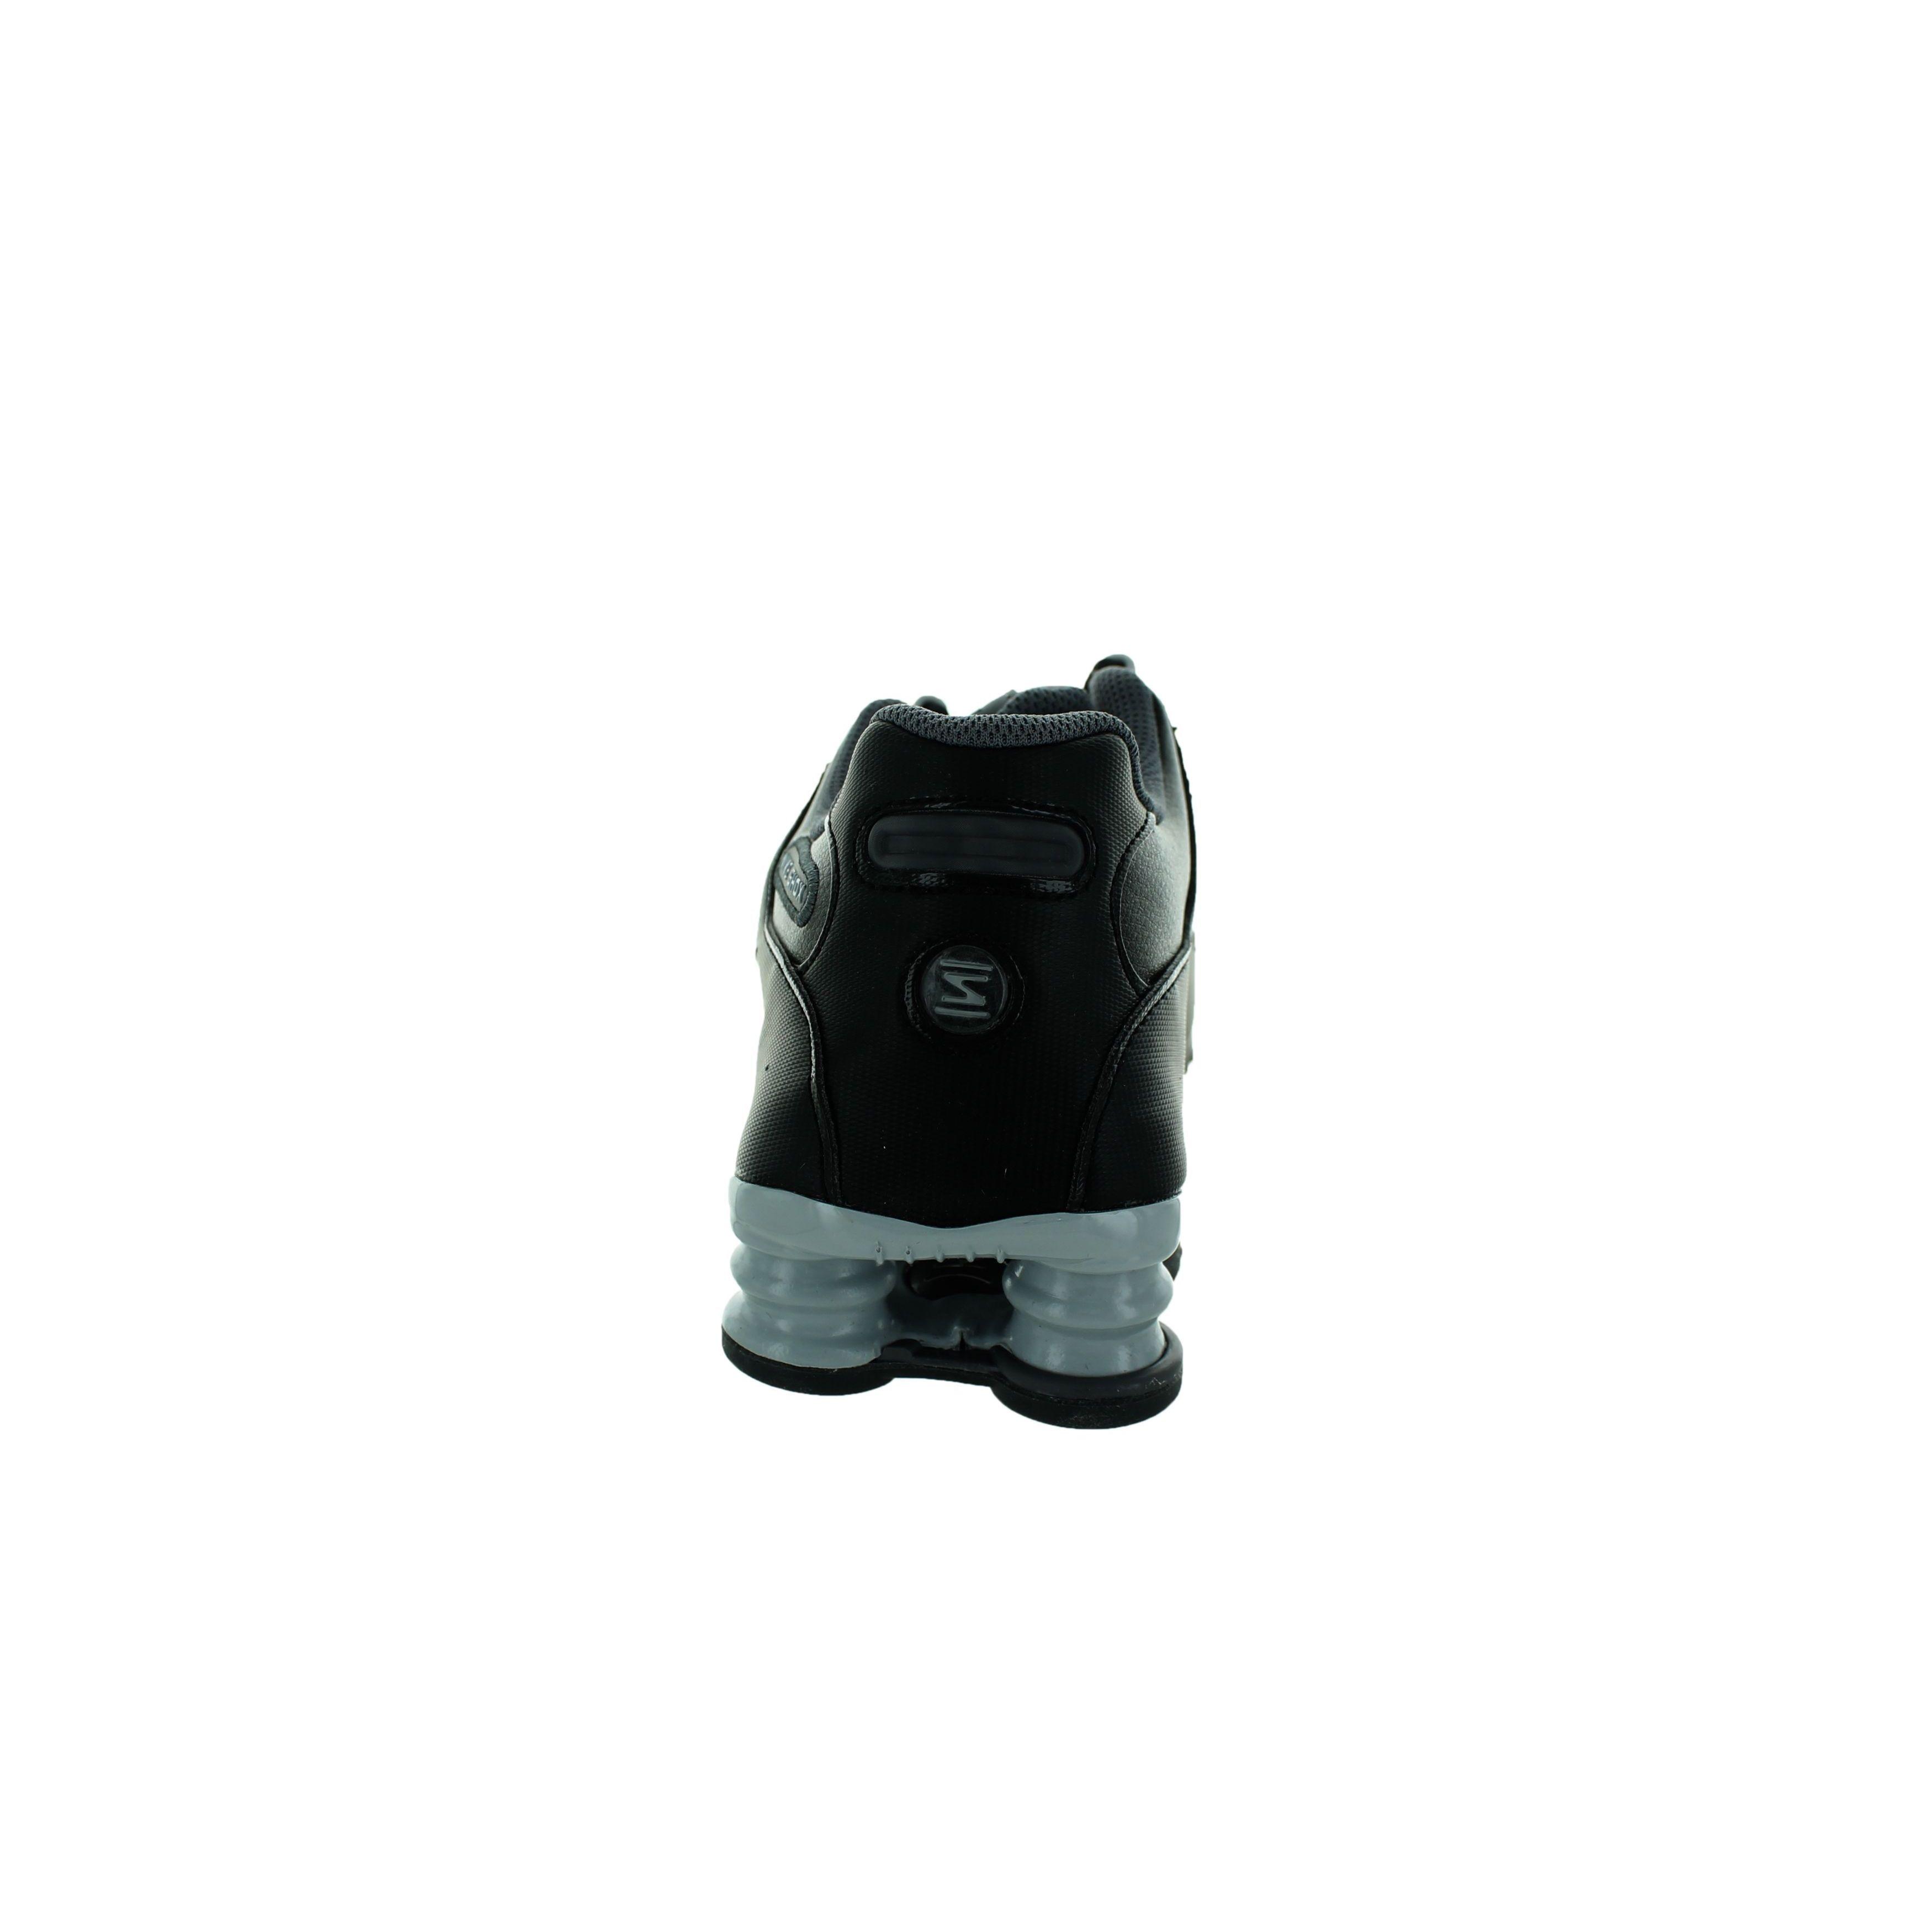 Shop Nike Women s Shox NZ EU Black Leather Running Shoes - Free Shipping  Today - Overstock - 12362319 00e0b4441